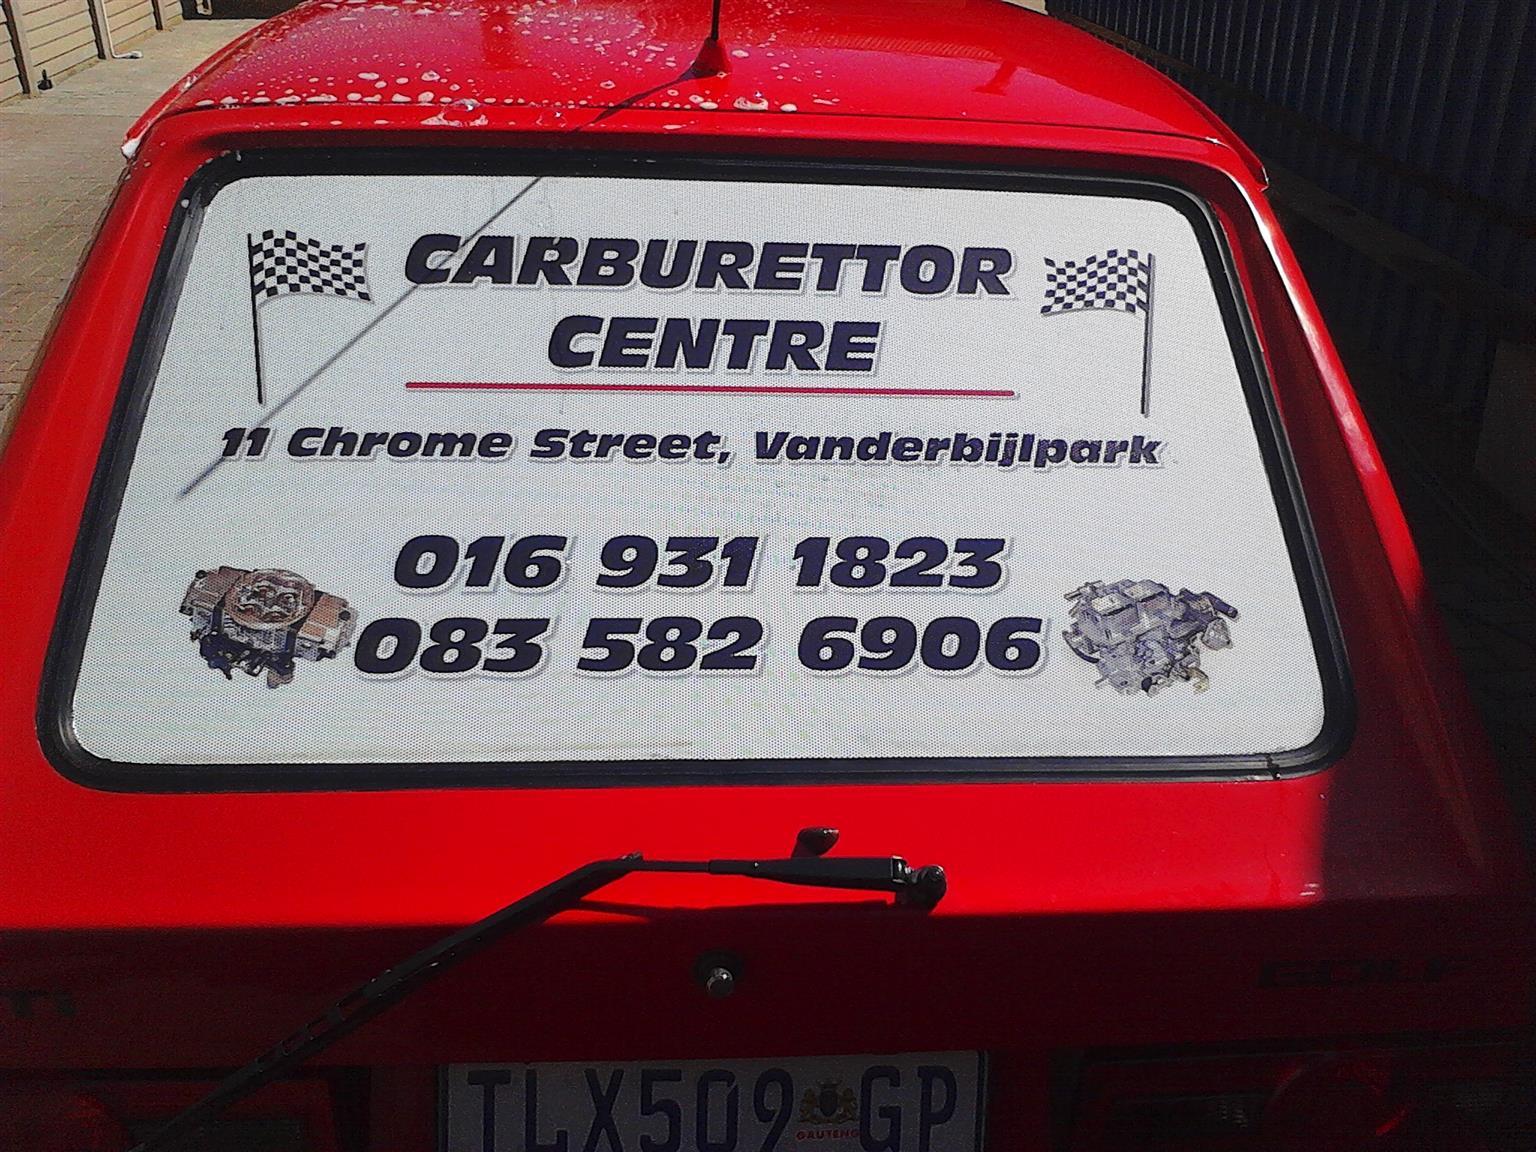 Carburettor centre